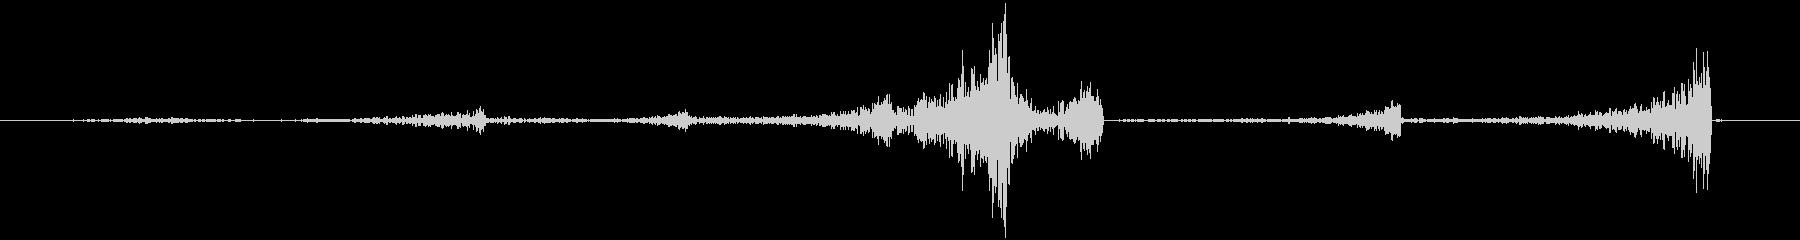 連続のリバース音の未再生の波形